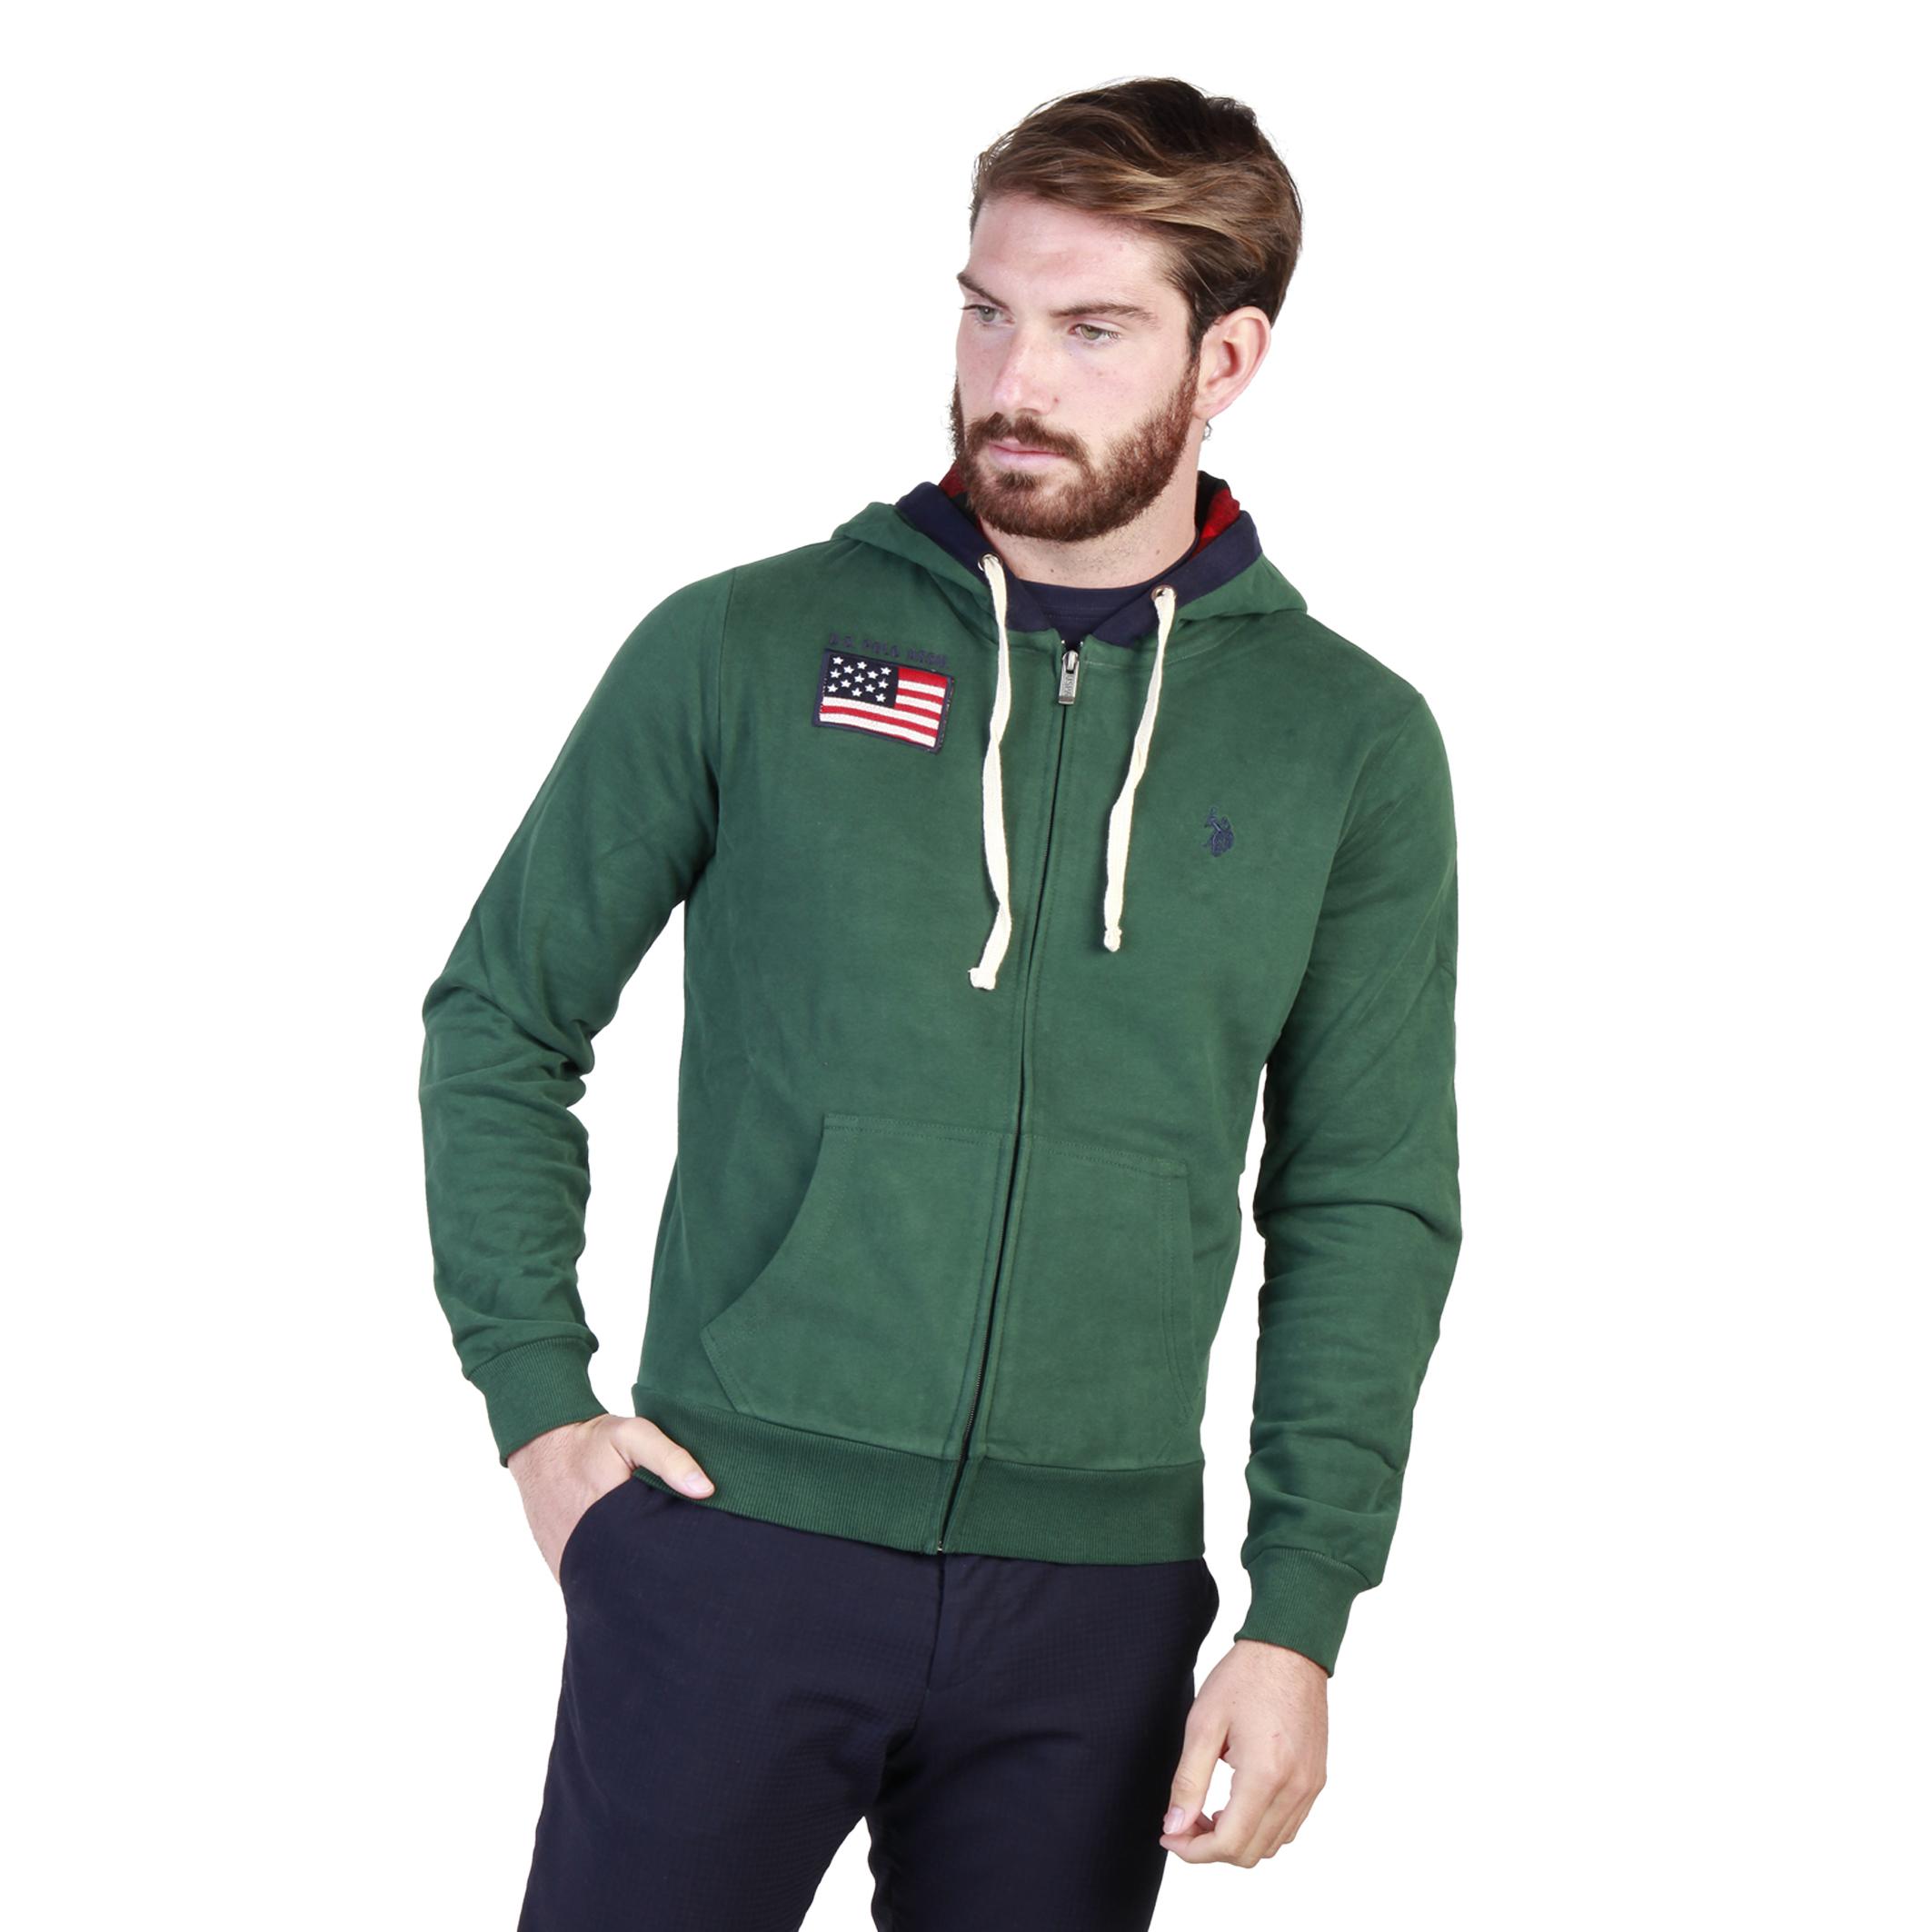 Vestes sport/streetwear  U.S. Polo 43482_47130 green